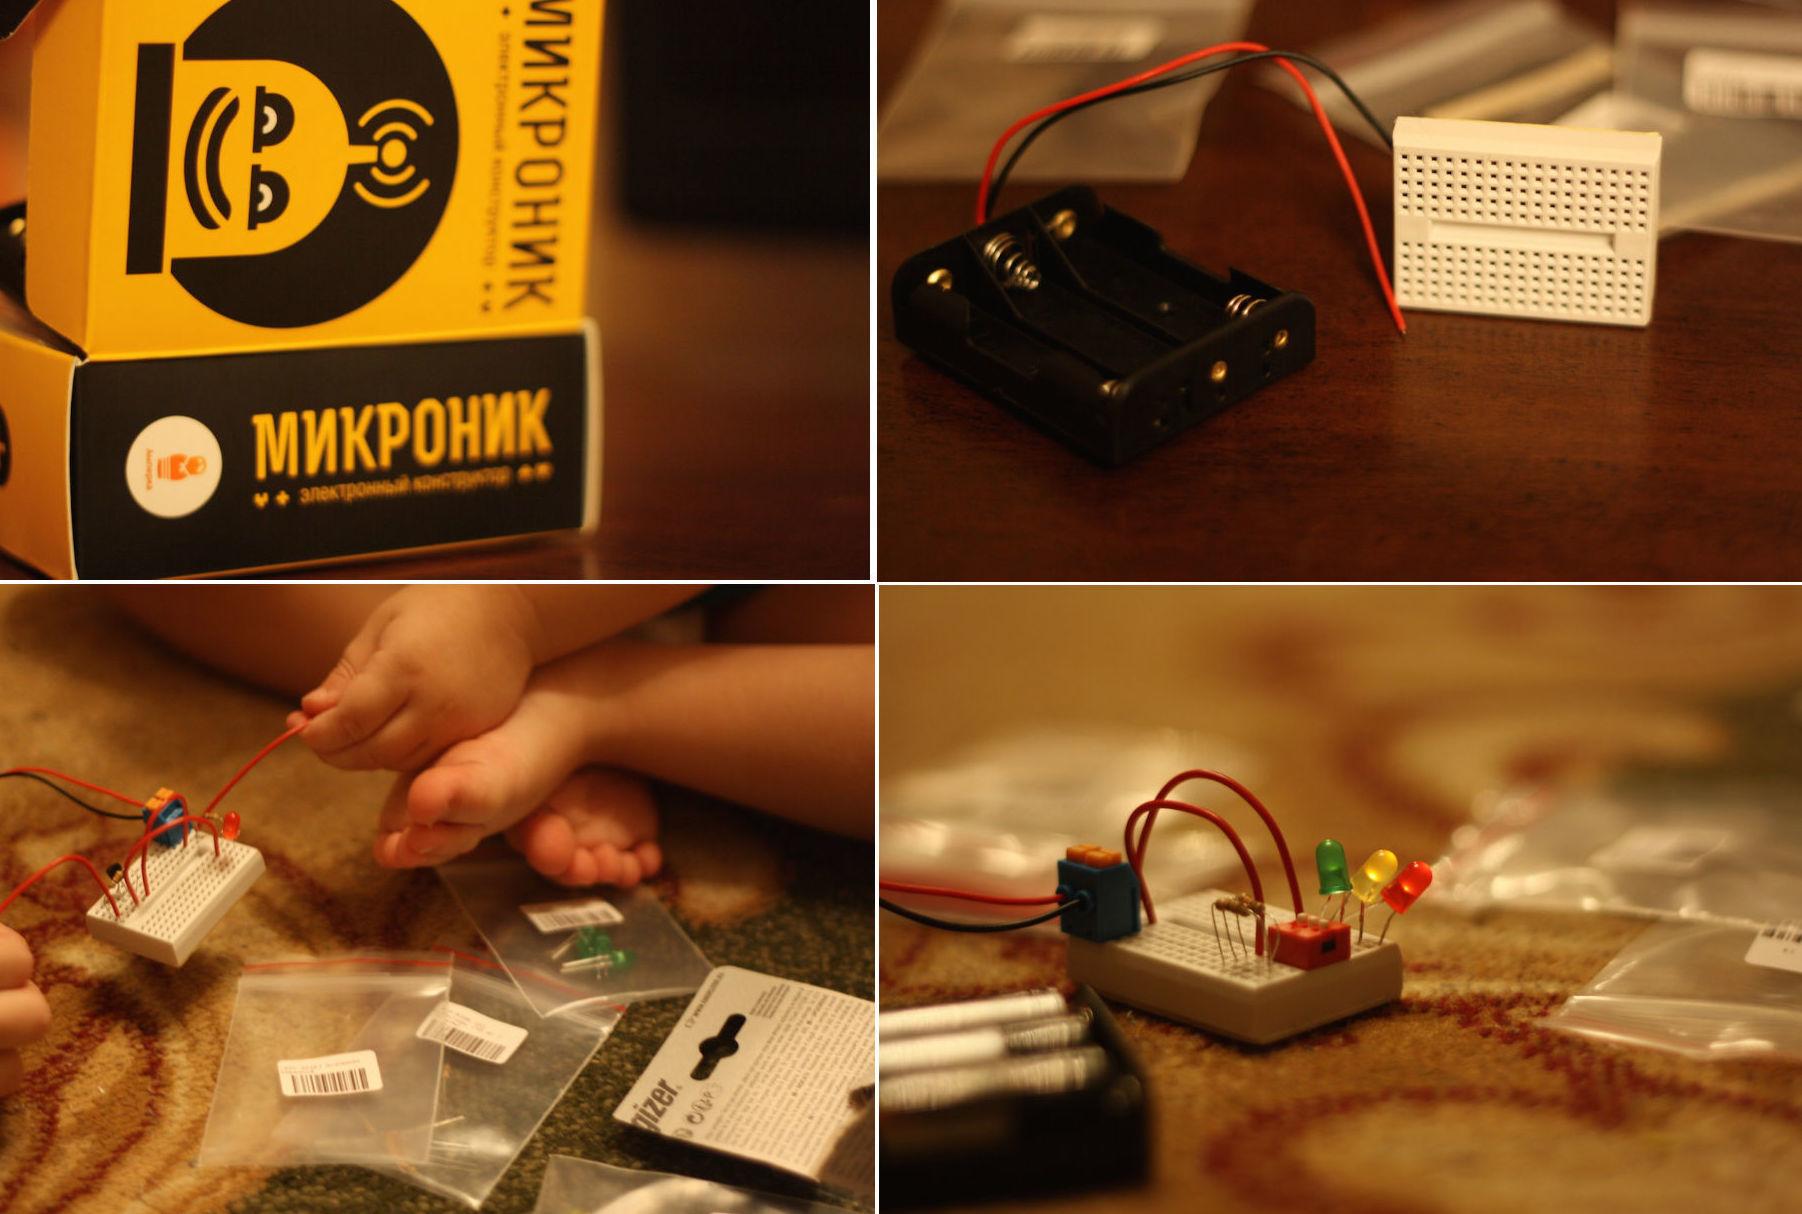 Образовательные электронные игрушки для детей - 2